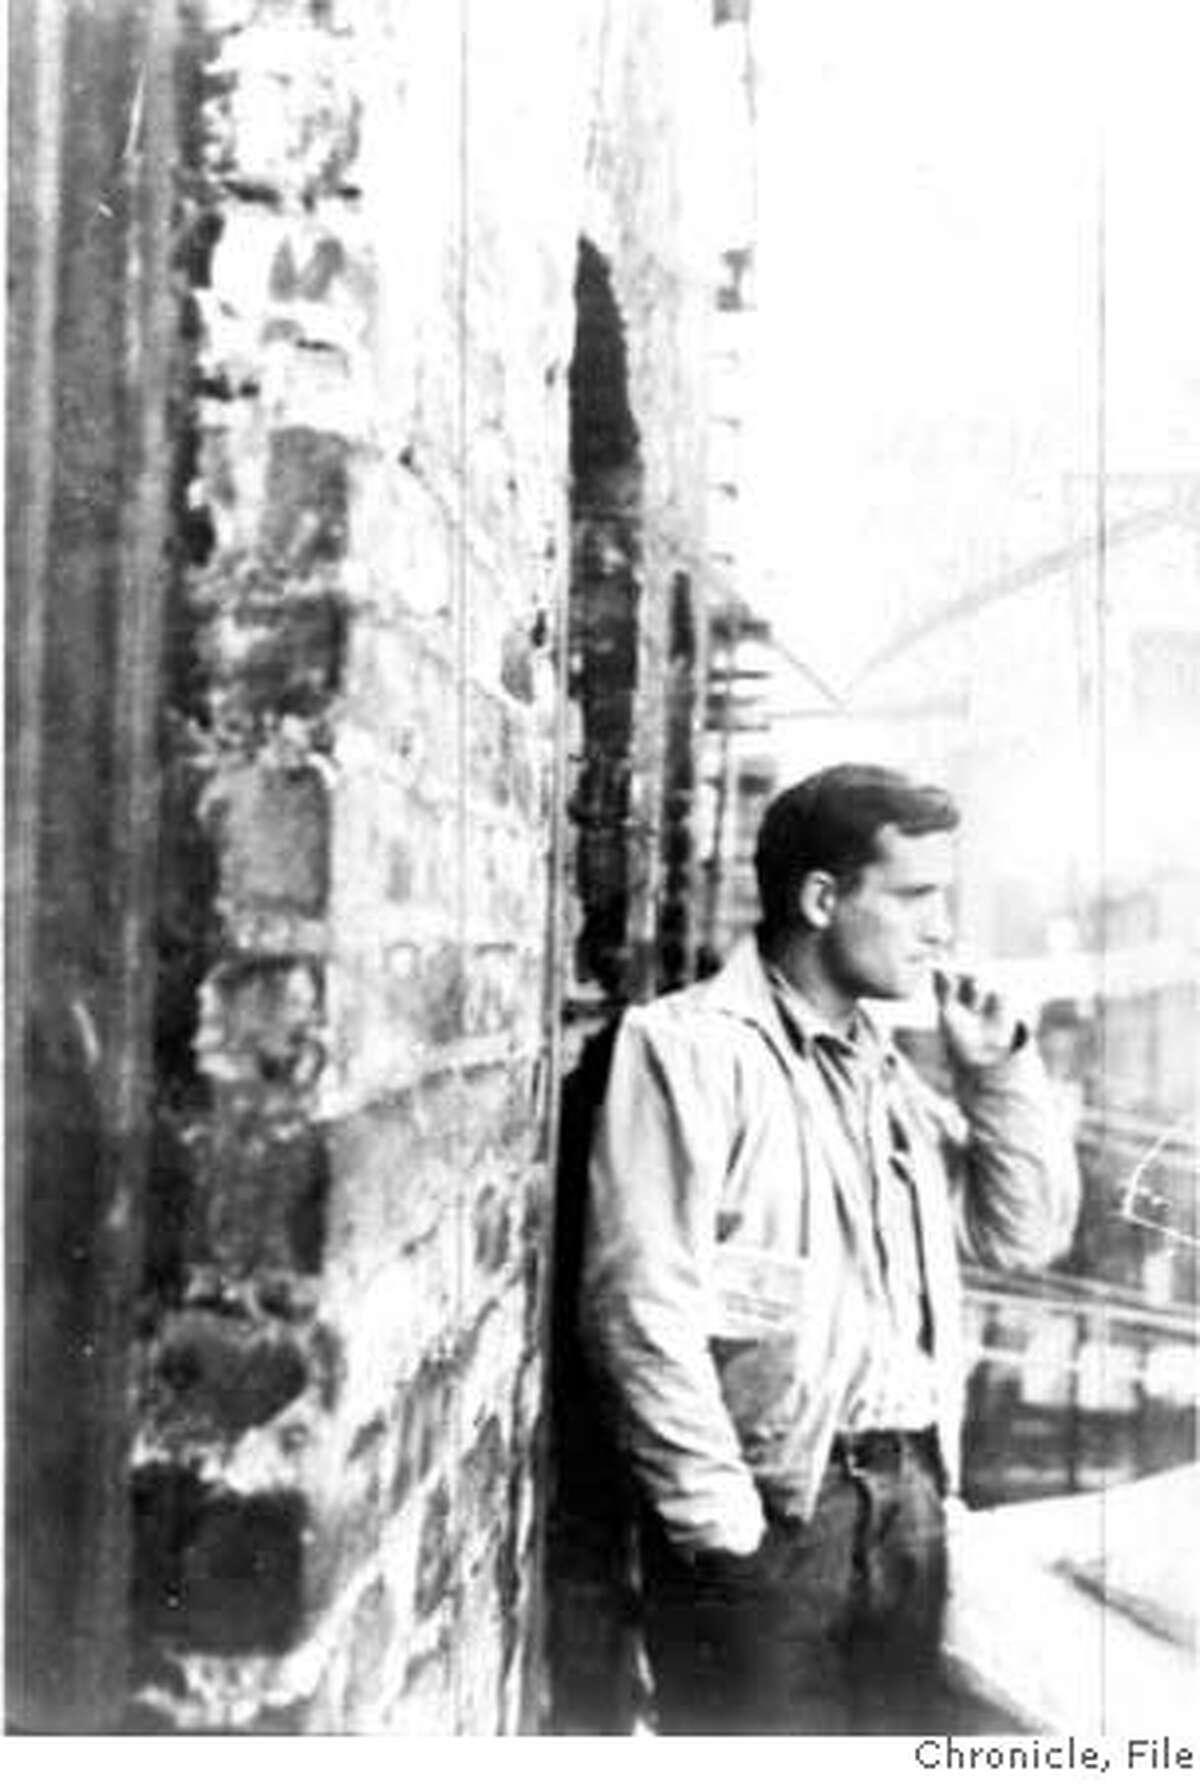 Undated Chronicle file photo of Jack Kerouac